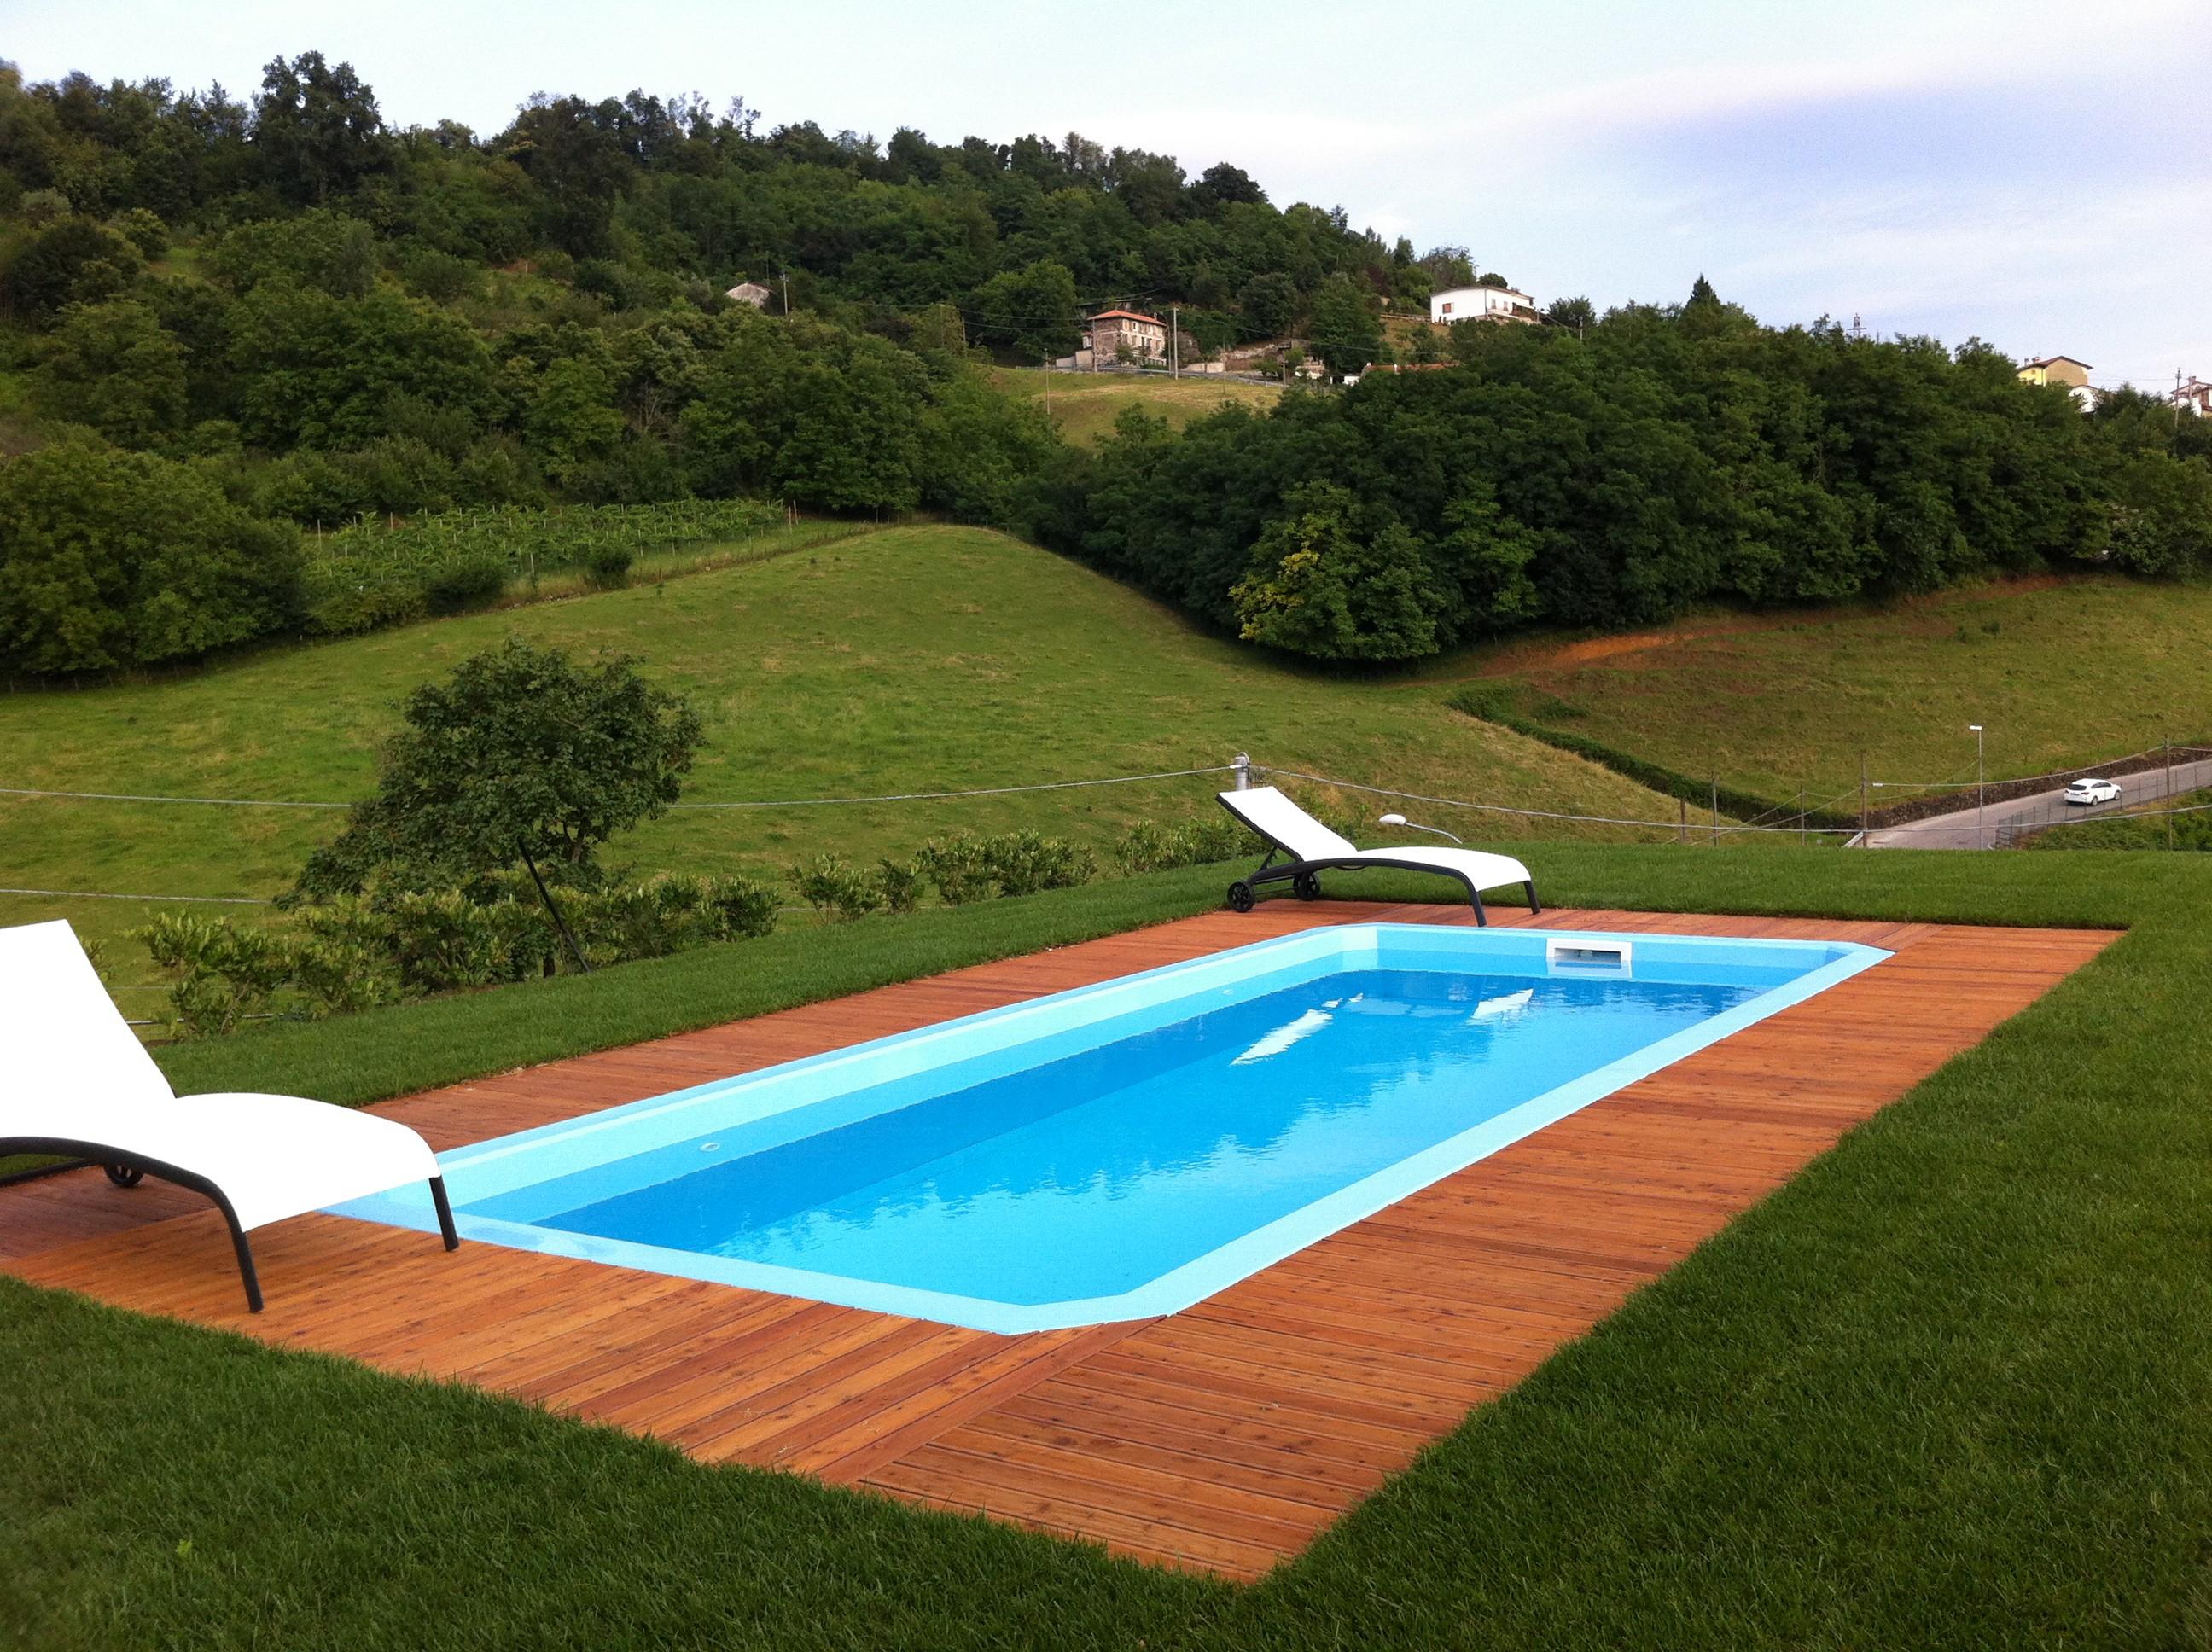 Piscine interrate in vetroresina free favori quanto costa piscine interrate vetroresina piscine - Piscina vetroresina usata ...